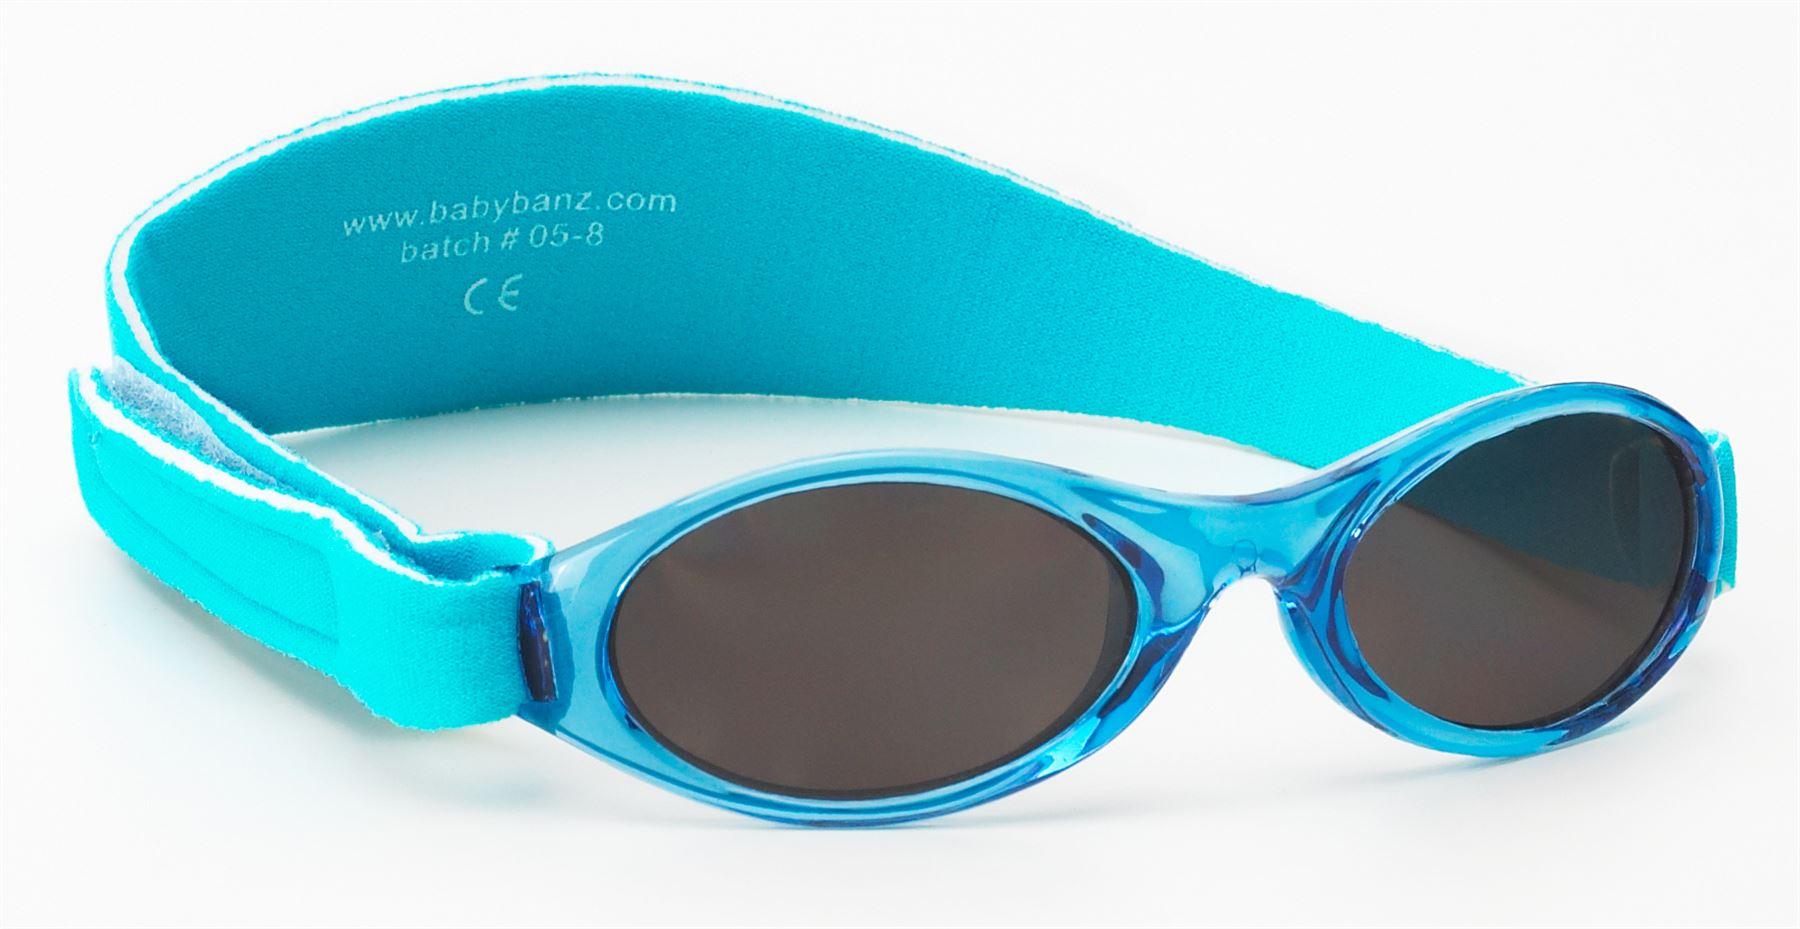 Baby Banz Adventurer Occhiali Da Sole Aqua 0-2yrs 100% Uva Uvb Protezione Solare Nuovo-mostra Il Titolo Originale